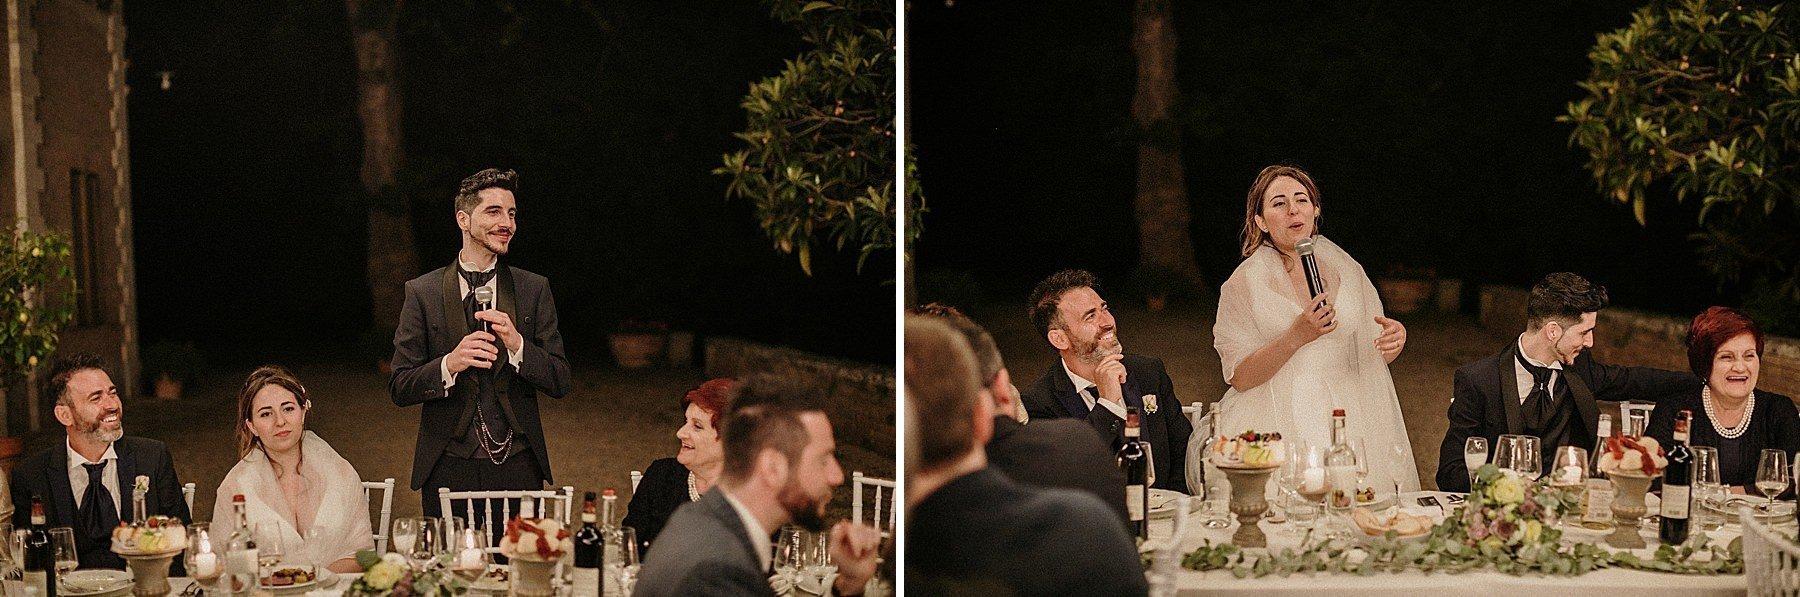 matrimonio tenuta bichi borghesi monteriggioni 3066